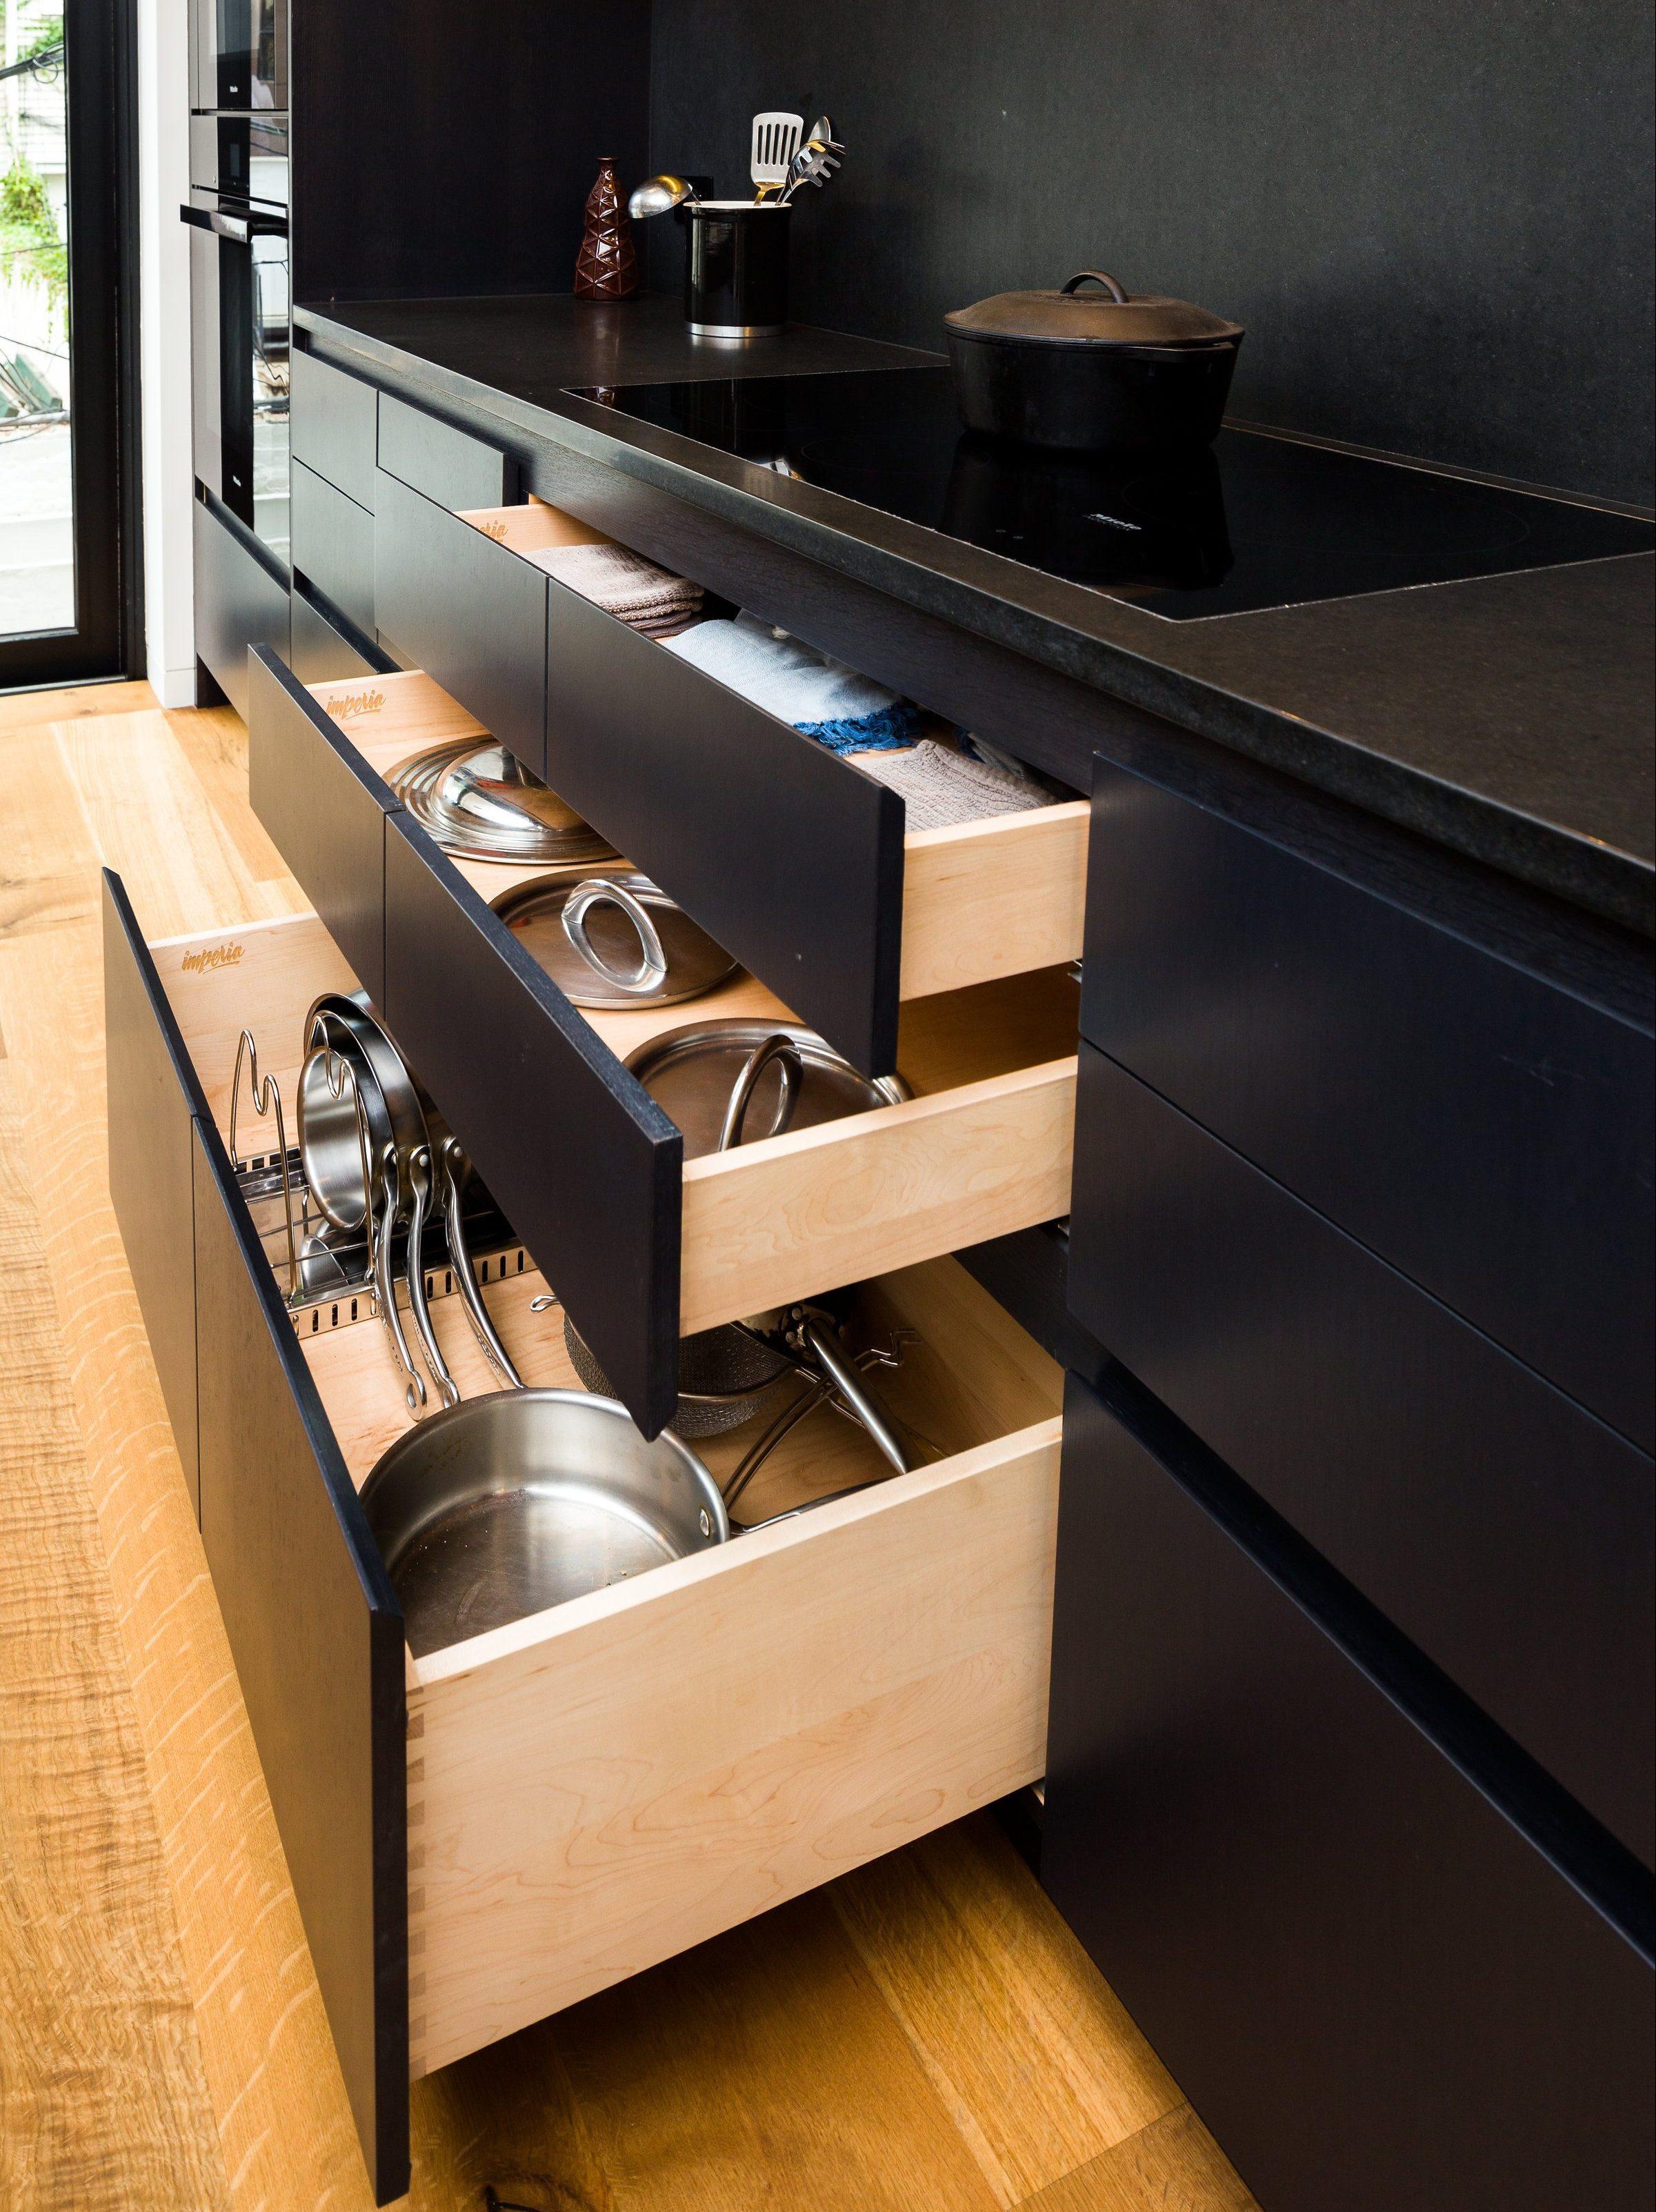 kitchen_details-7